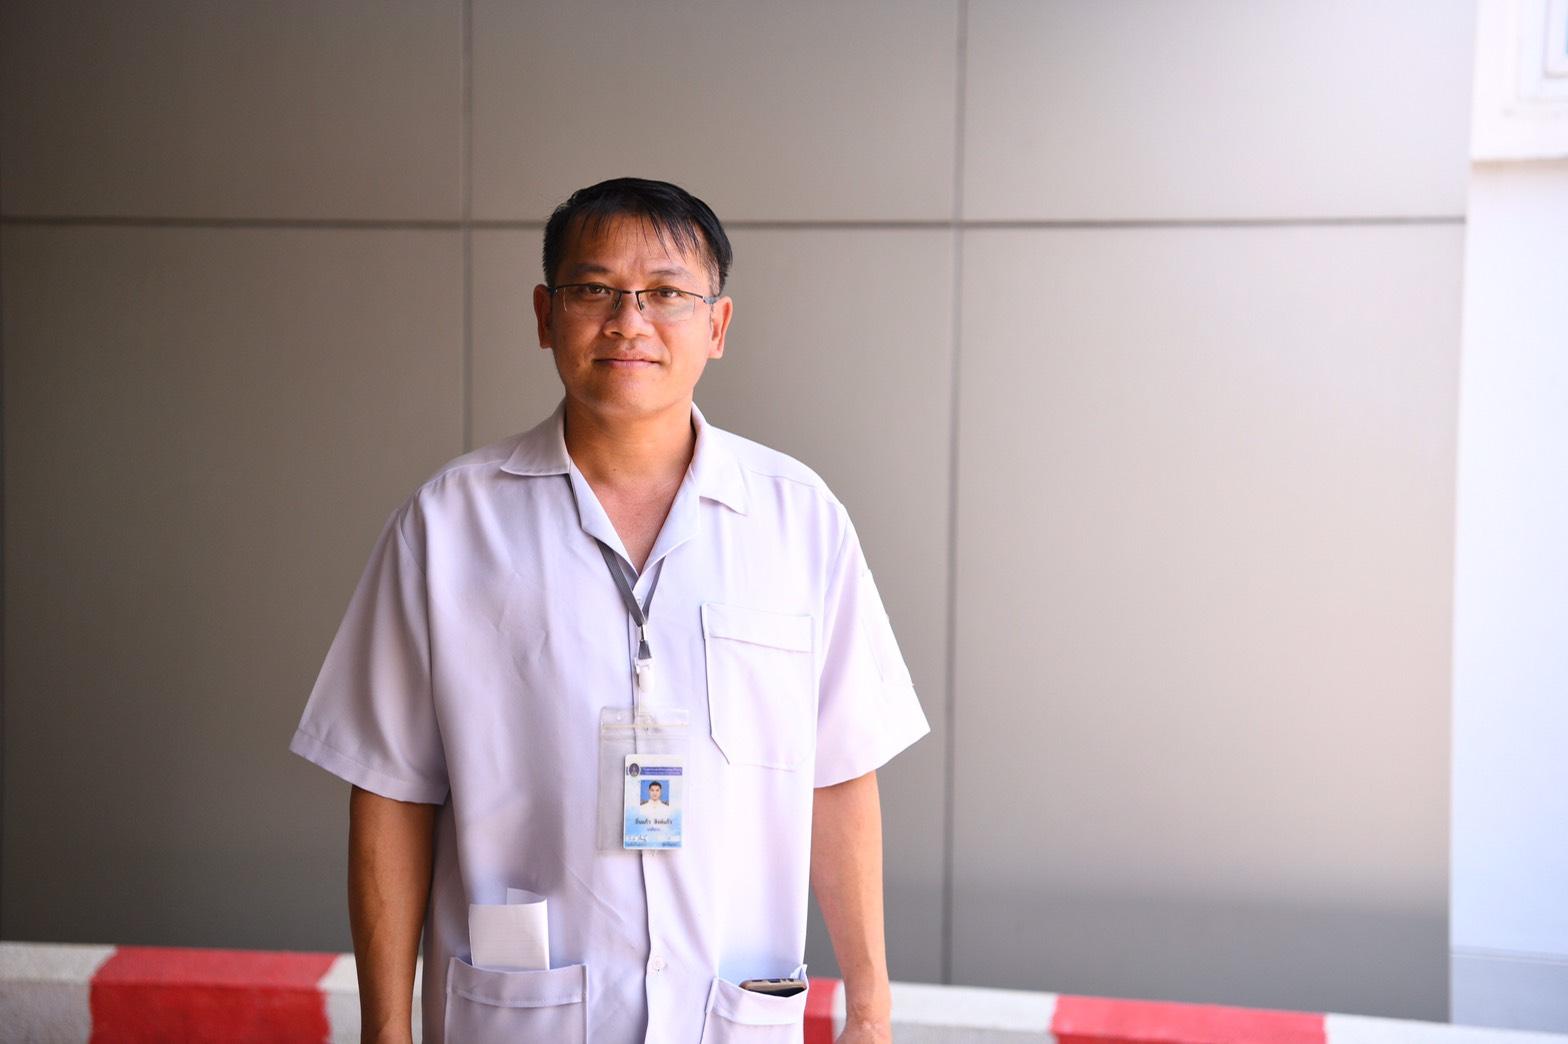 ชู รพ.สมเด็จพระยุพราชเชียงของต้นแบบอำเภอใช้ยา-ผลิตภัณฑ์สุขภาพปลอดภัย thaihealth